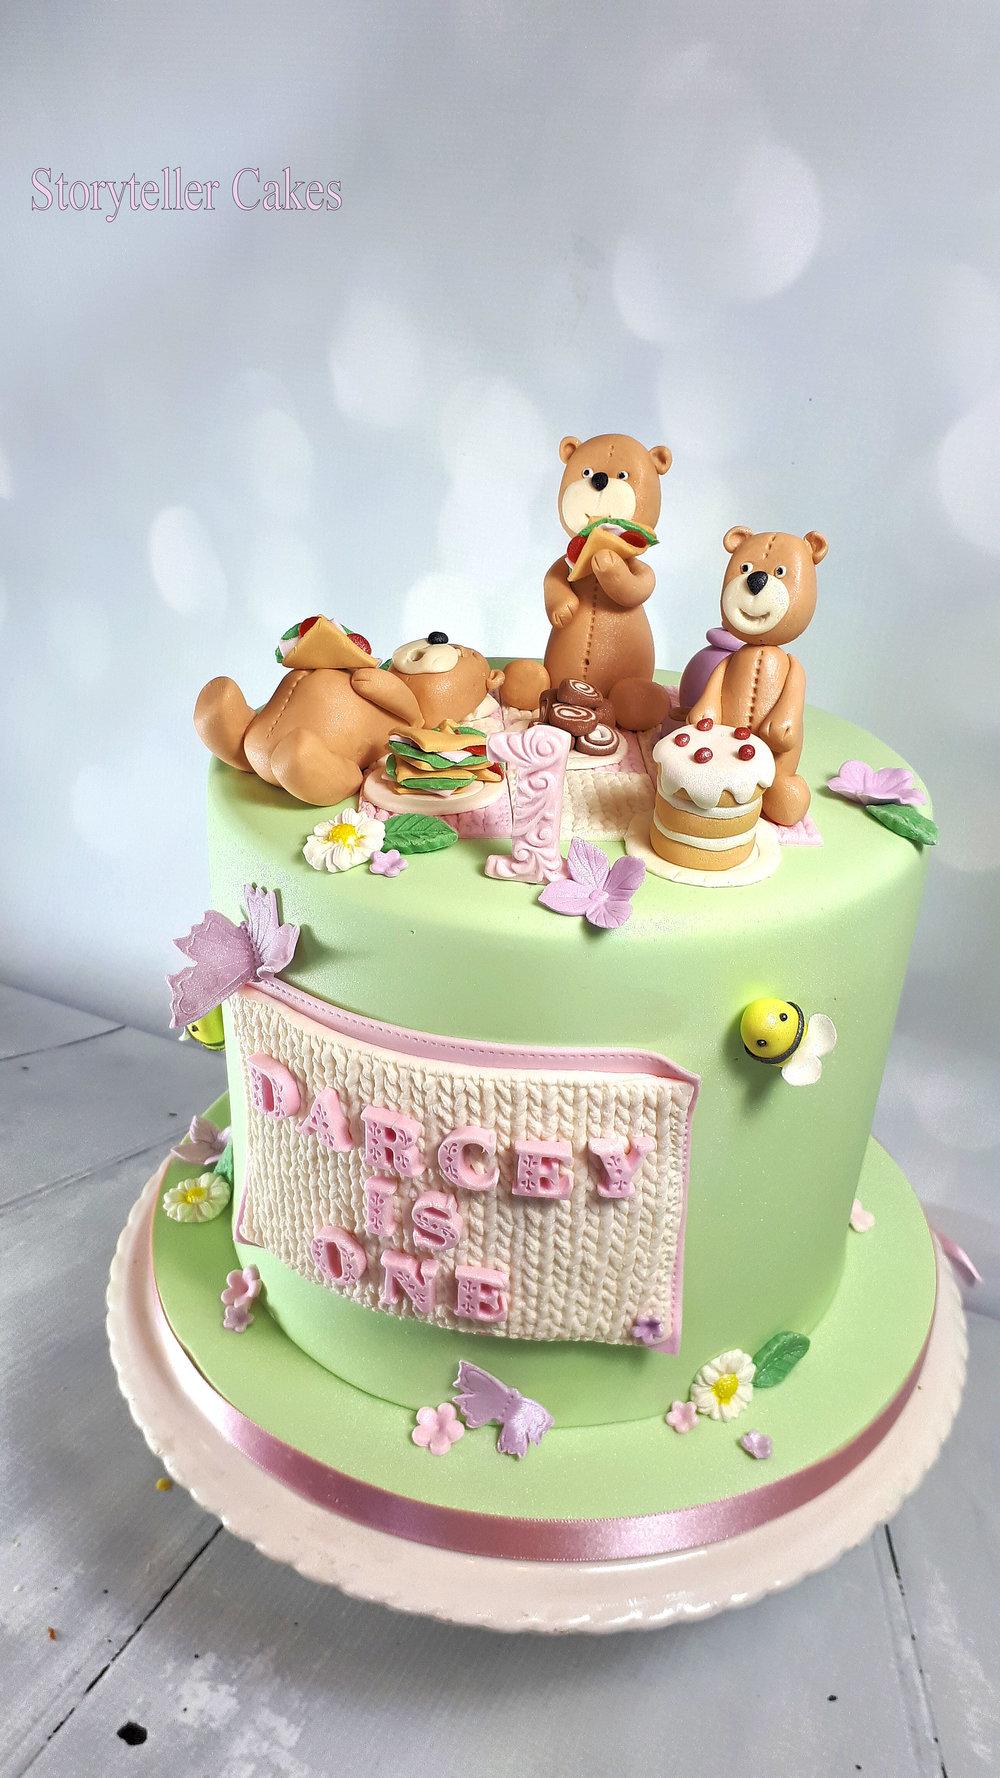 Teddy Bears Picnic 1st Birthday Cake For Girls 2.jpg